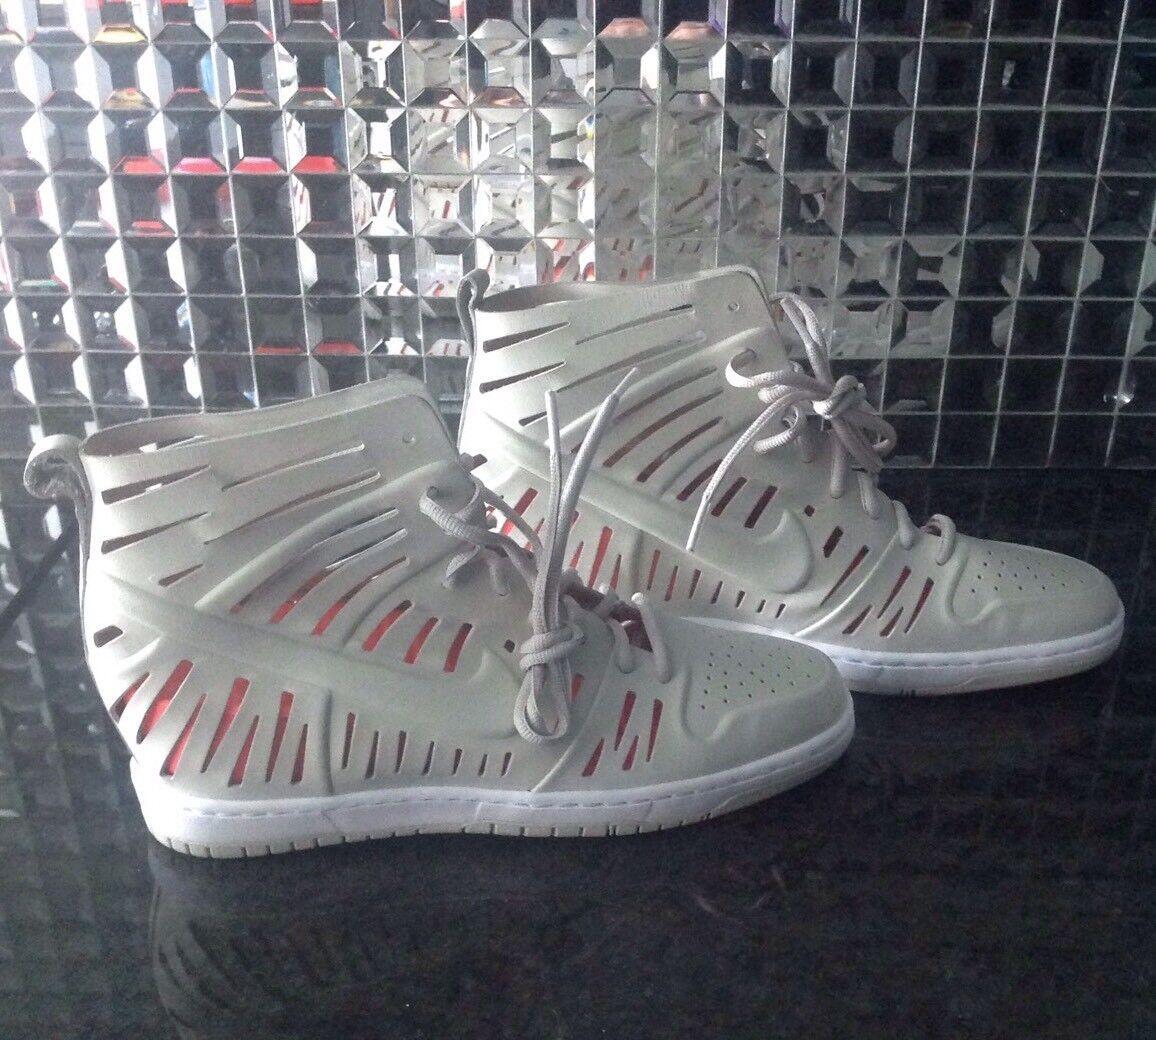 New 11 Nike Joli Sky Hi High Wedge Dunk 2.0 Off White Bone Sneakers Sandals - 11